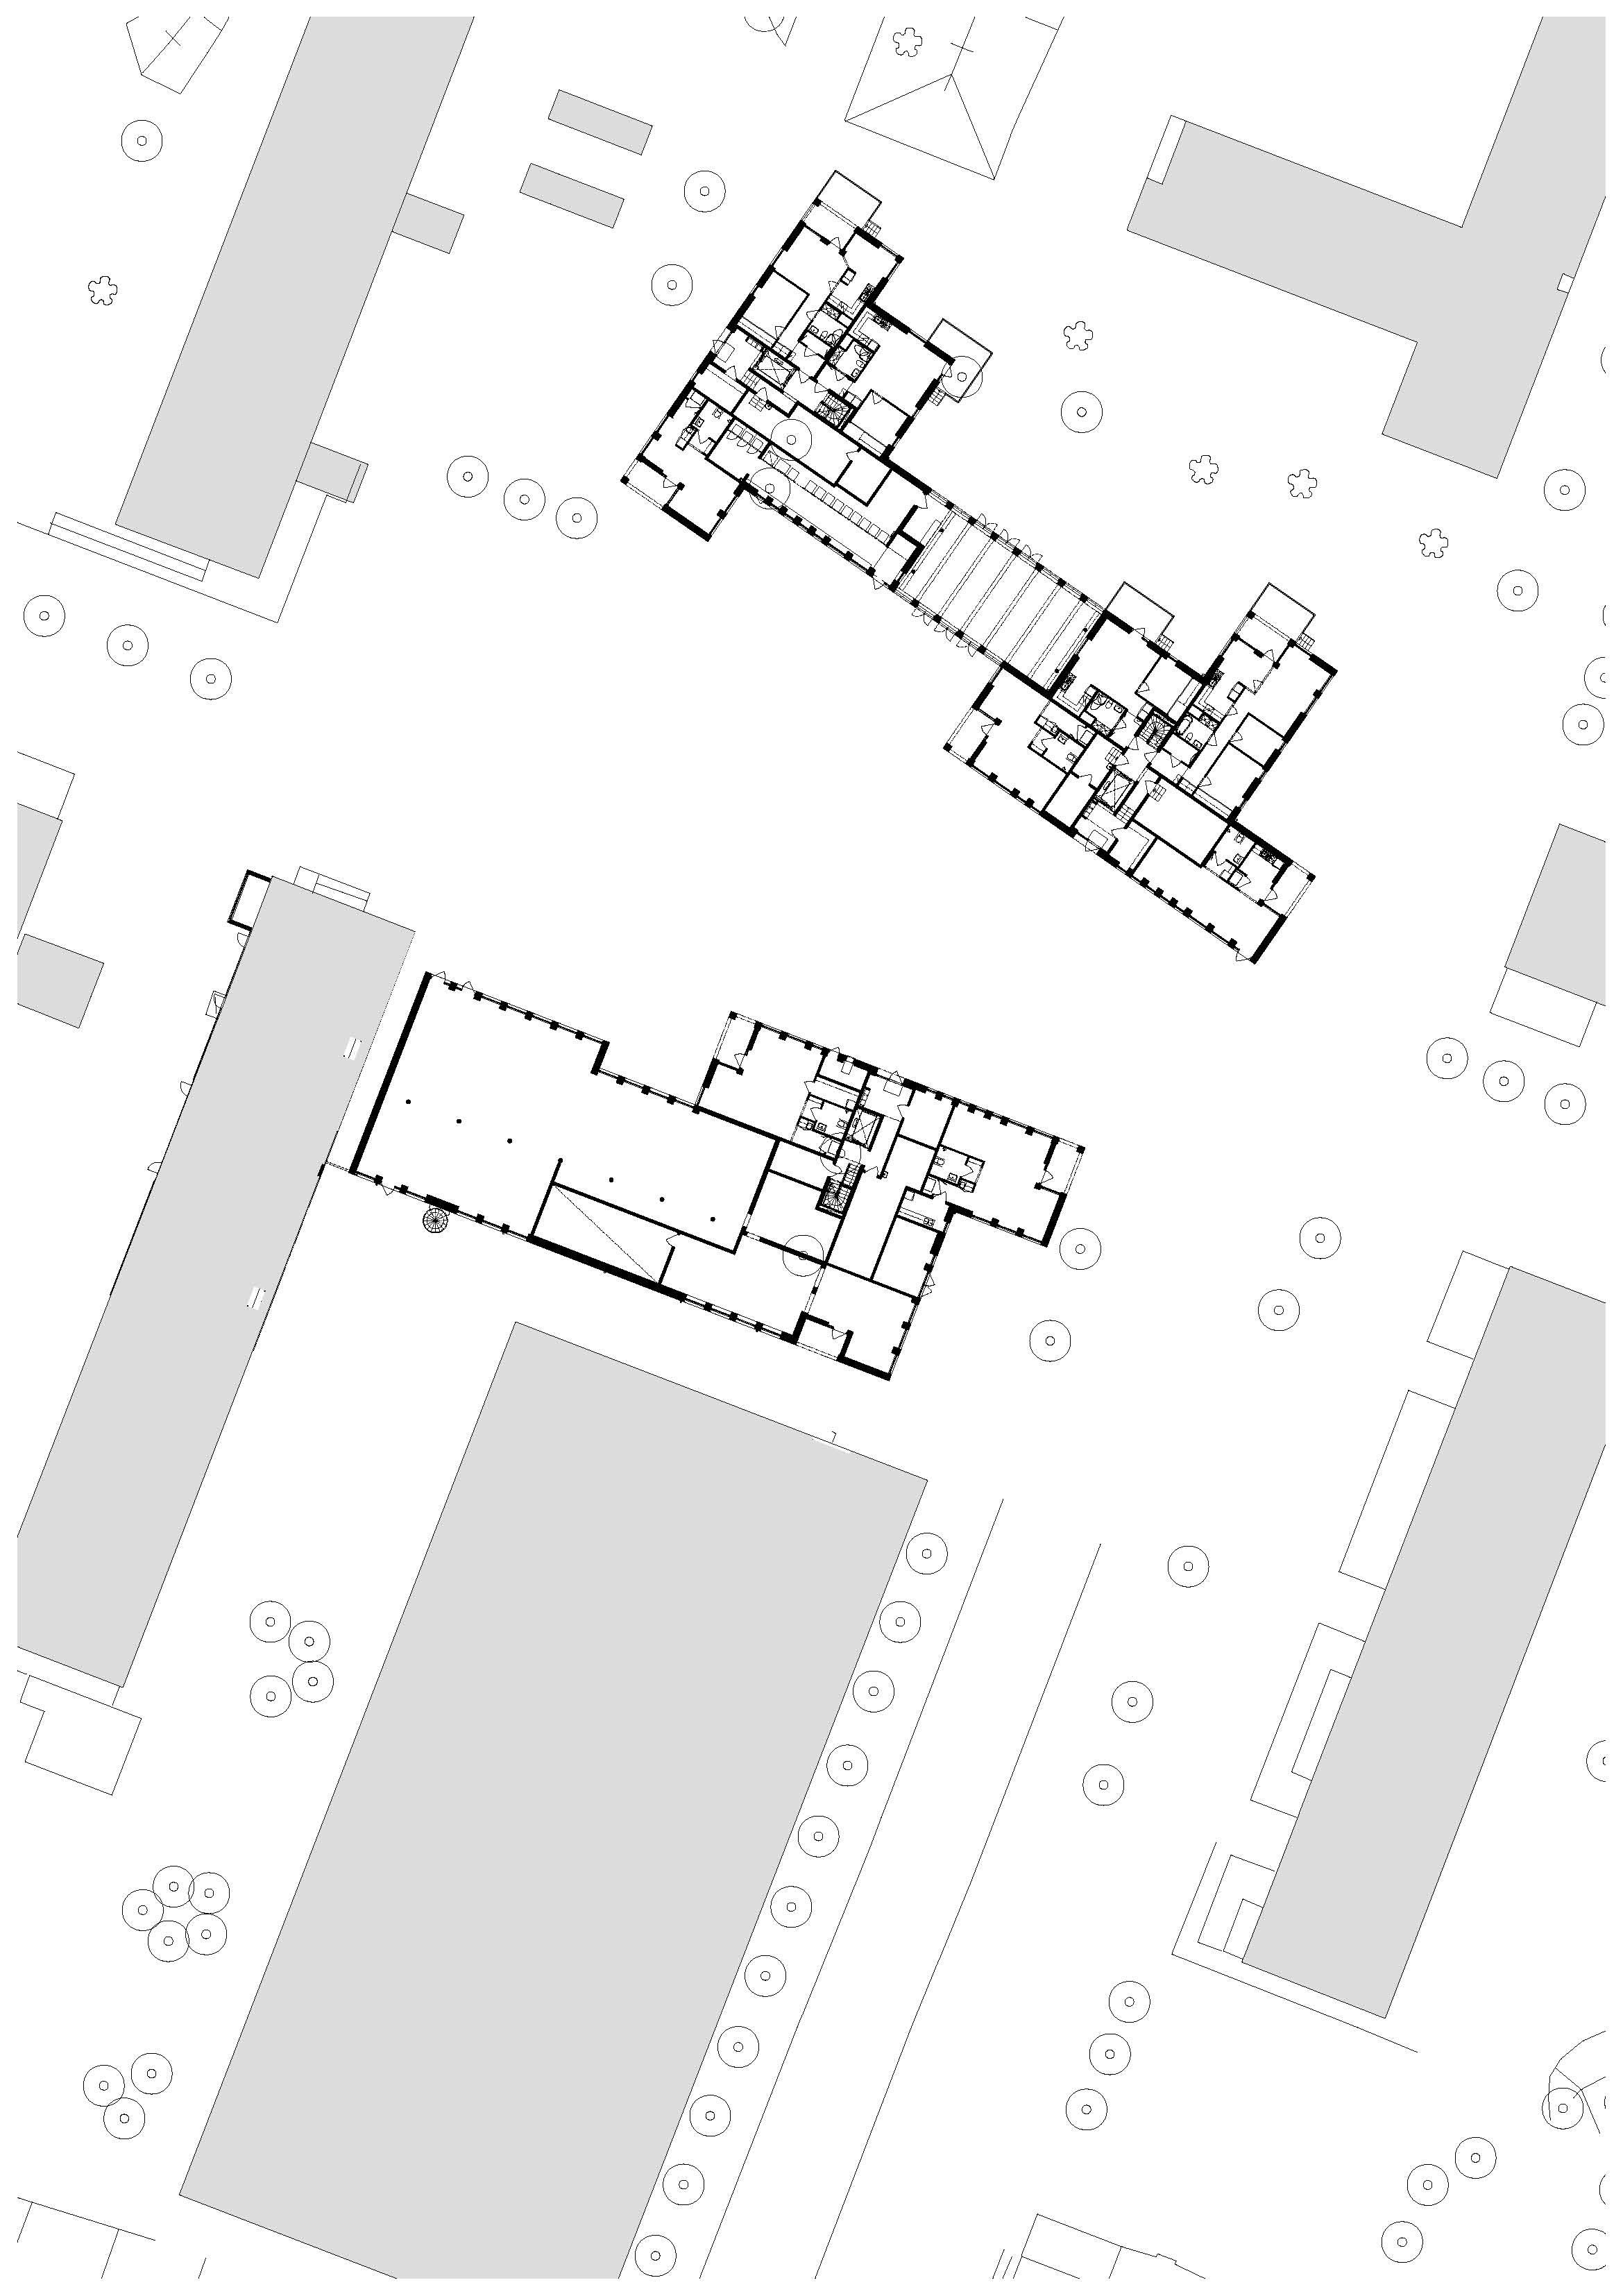 2011_Häcksaxen_sammansatt plan_pl1